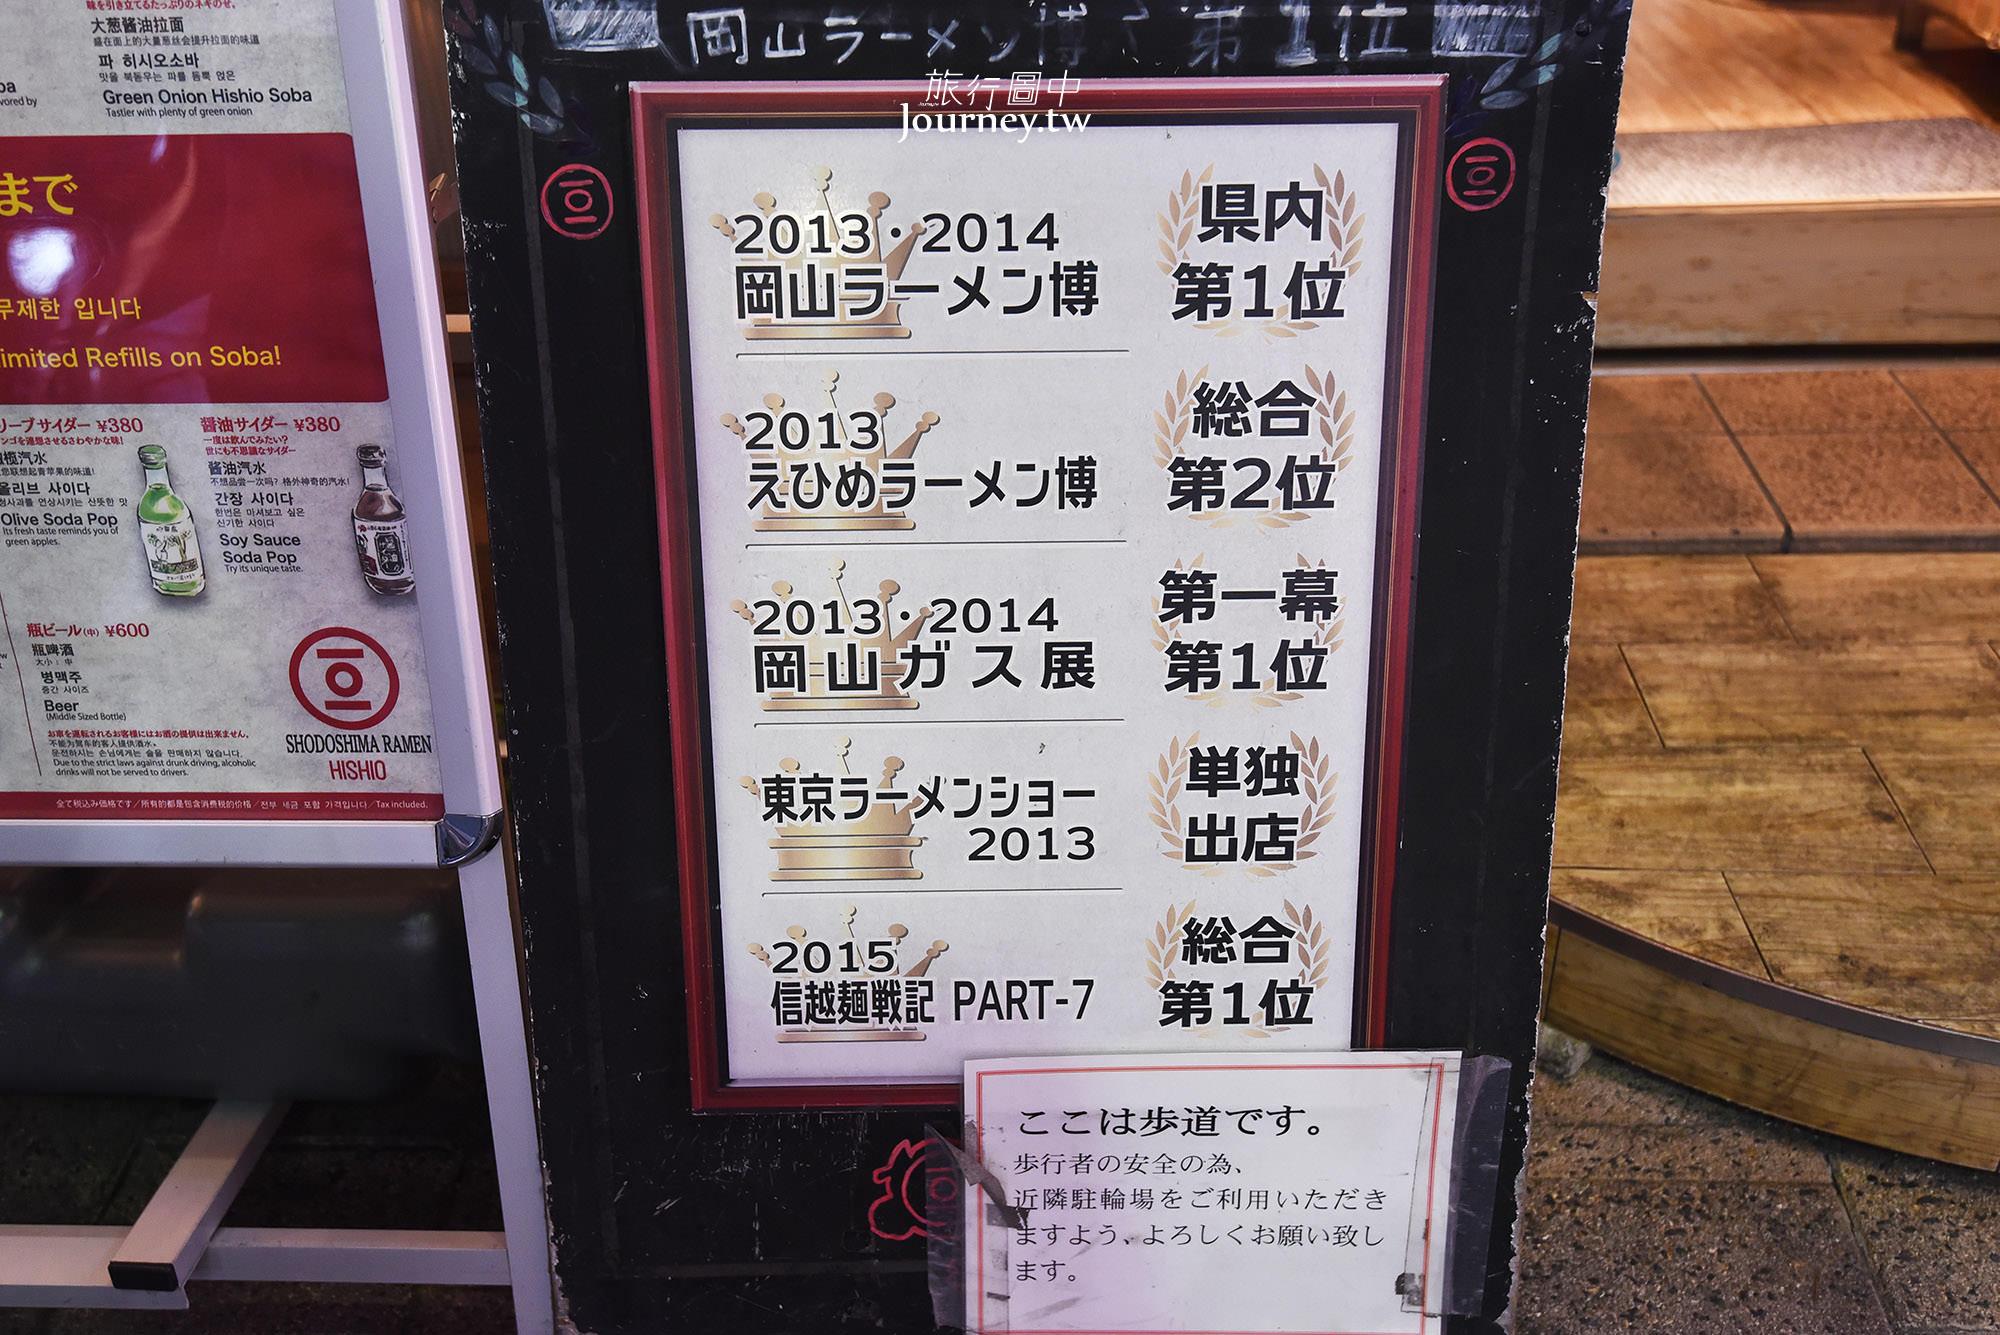 岡山,岡山美食,小豆島拉麵,小豆島ラーメンHISHIO